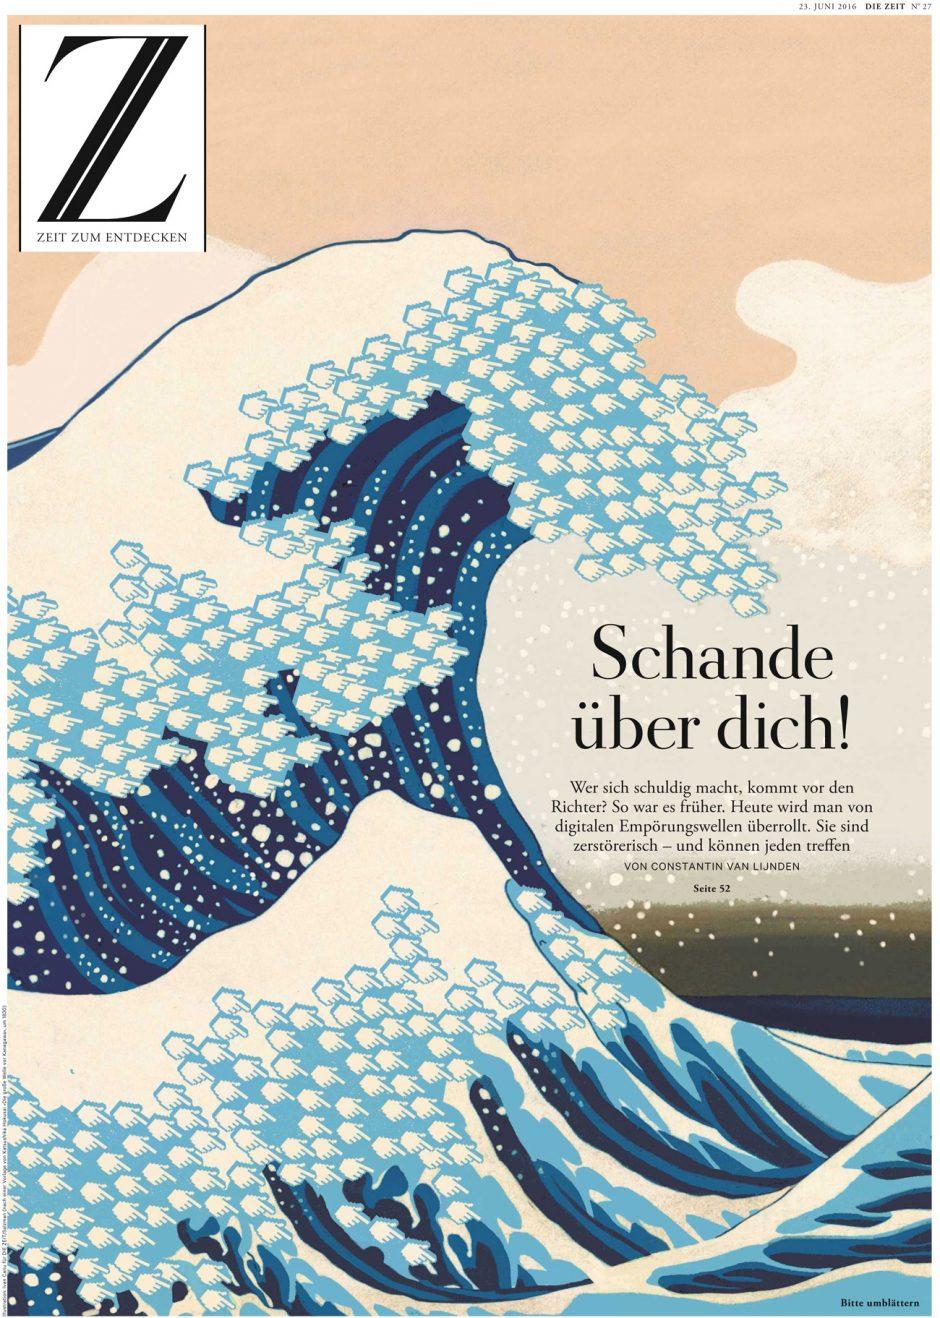 Die Zeit Nr. 46/2015 bis 27/2016, Z - Zeit zum Entdecken, Die neue Beilage über die schönen Seiten des Lebens